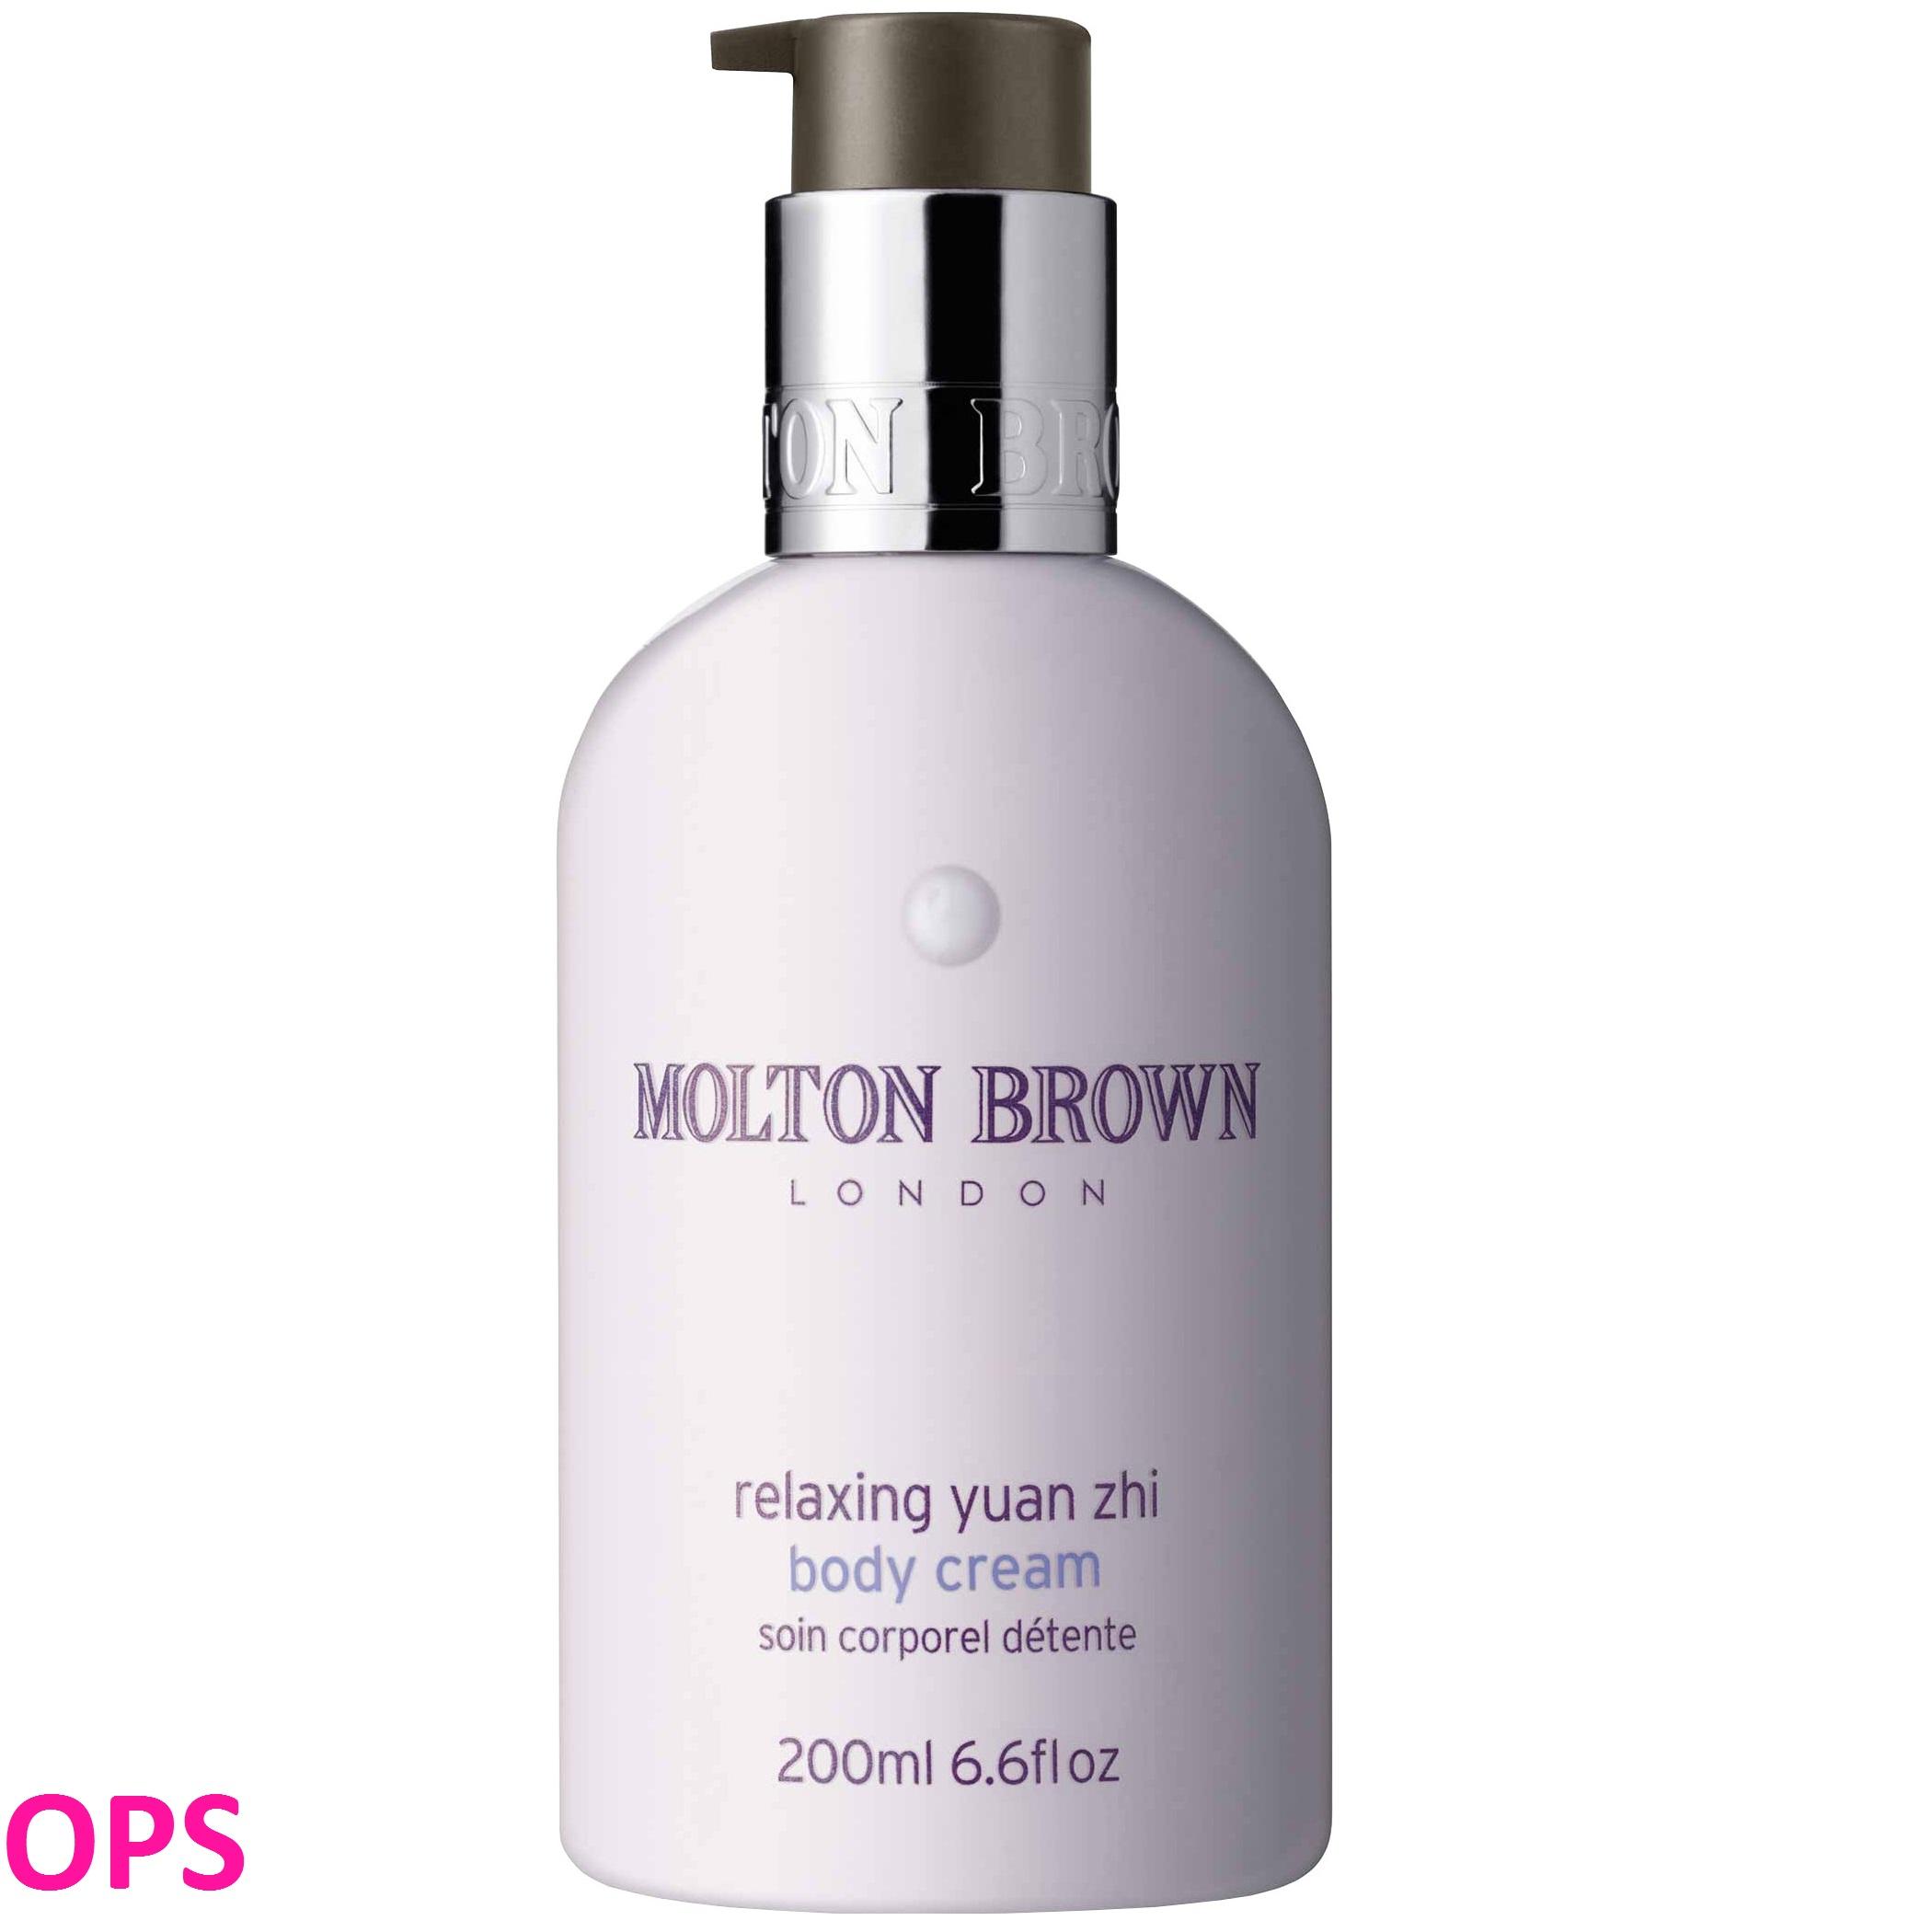 MOLTON BROWN RELAXING YUAN ZHI BODY CREAM 200ML